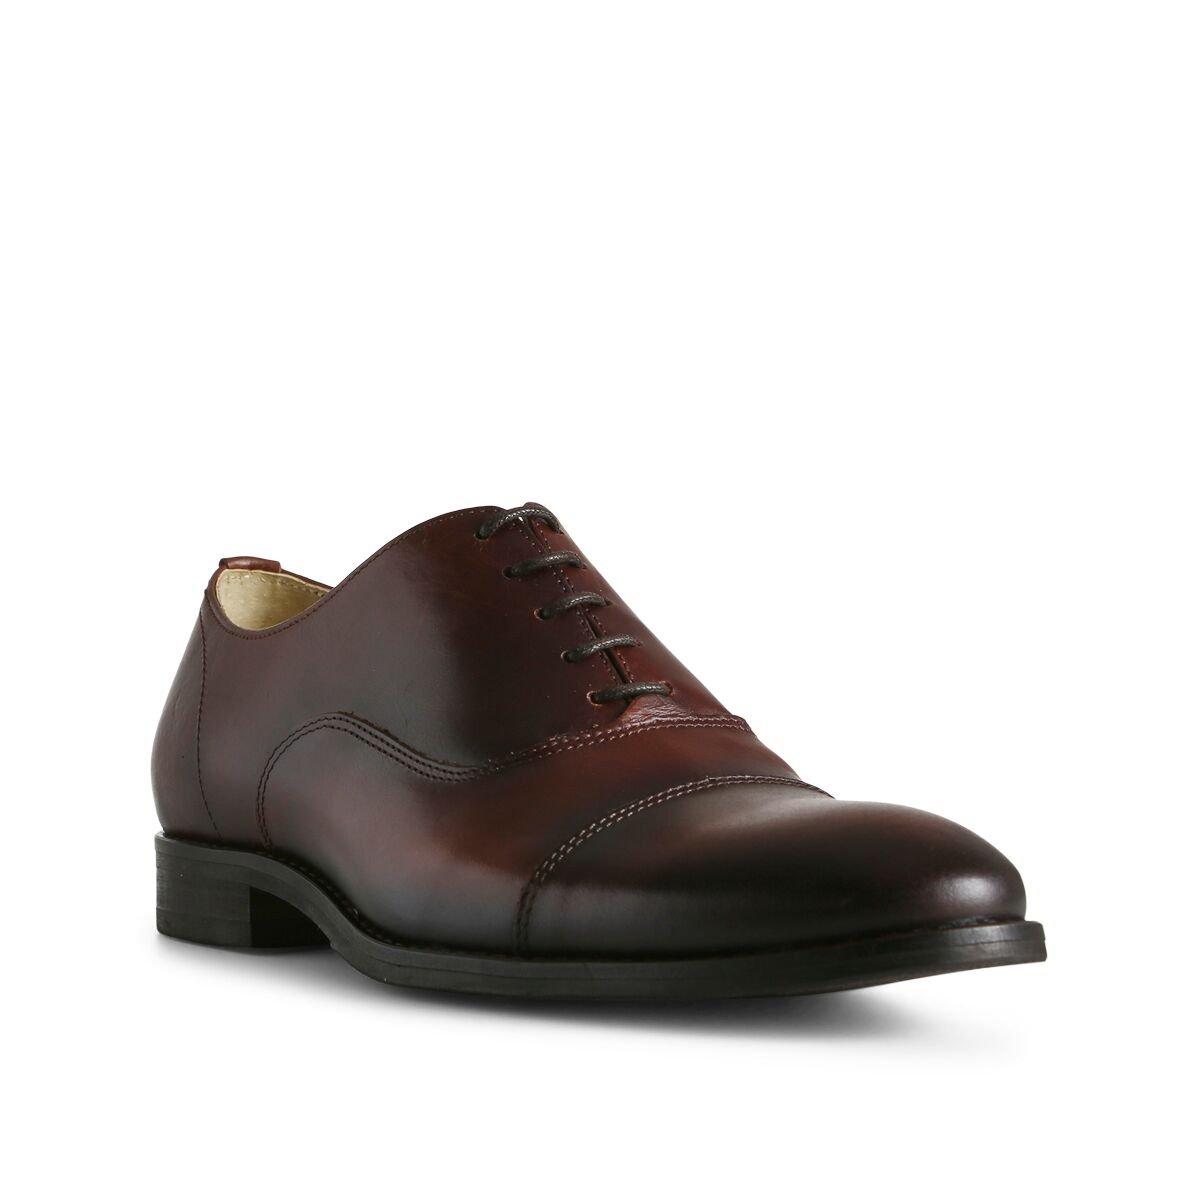 6fea6206a061 Shoe the Bear Men s Harry L Oxfords  Amazon.co.uk  Shoes   Bags